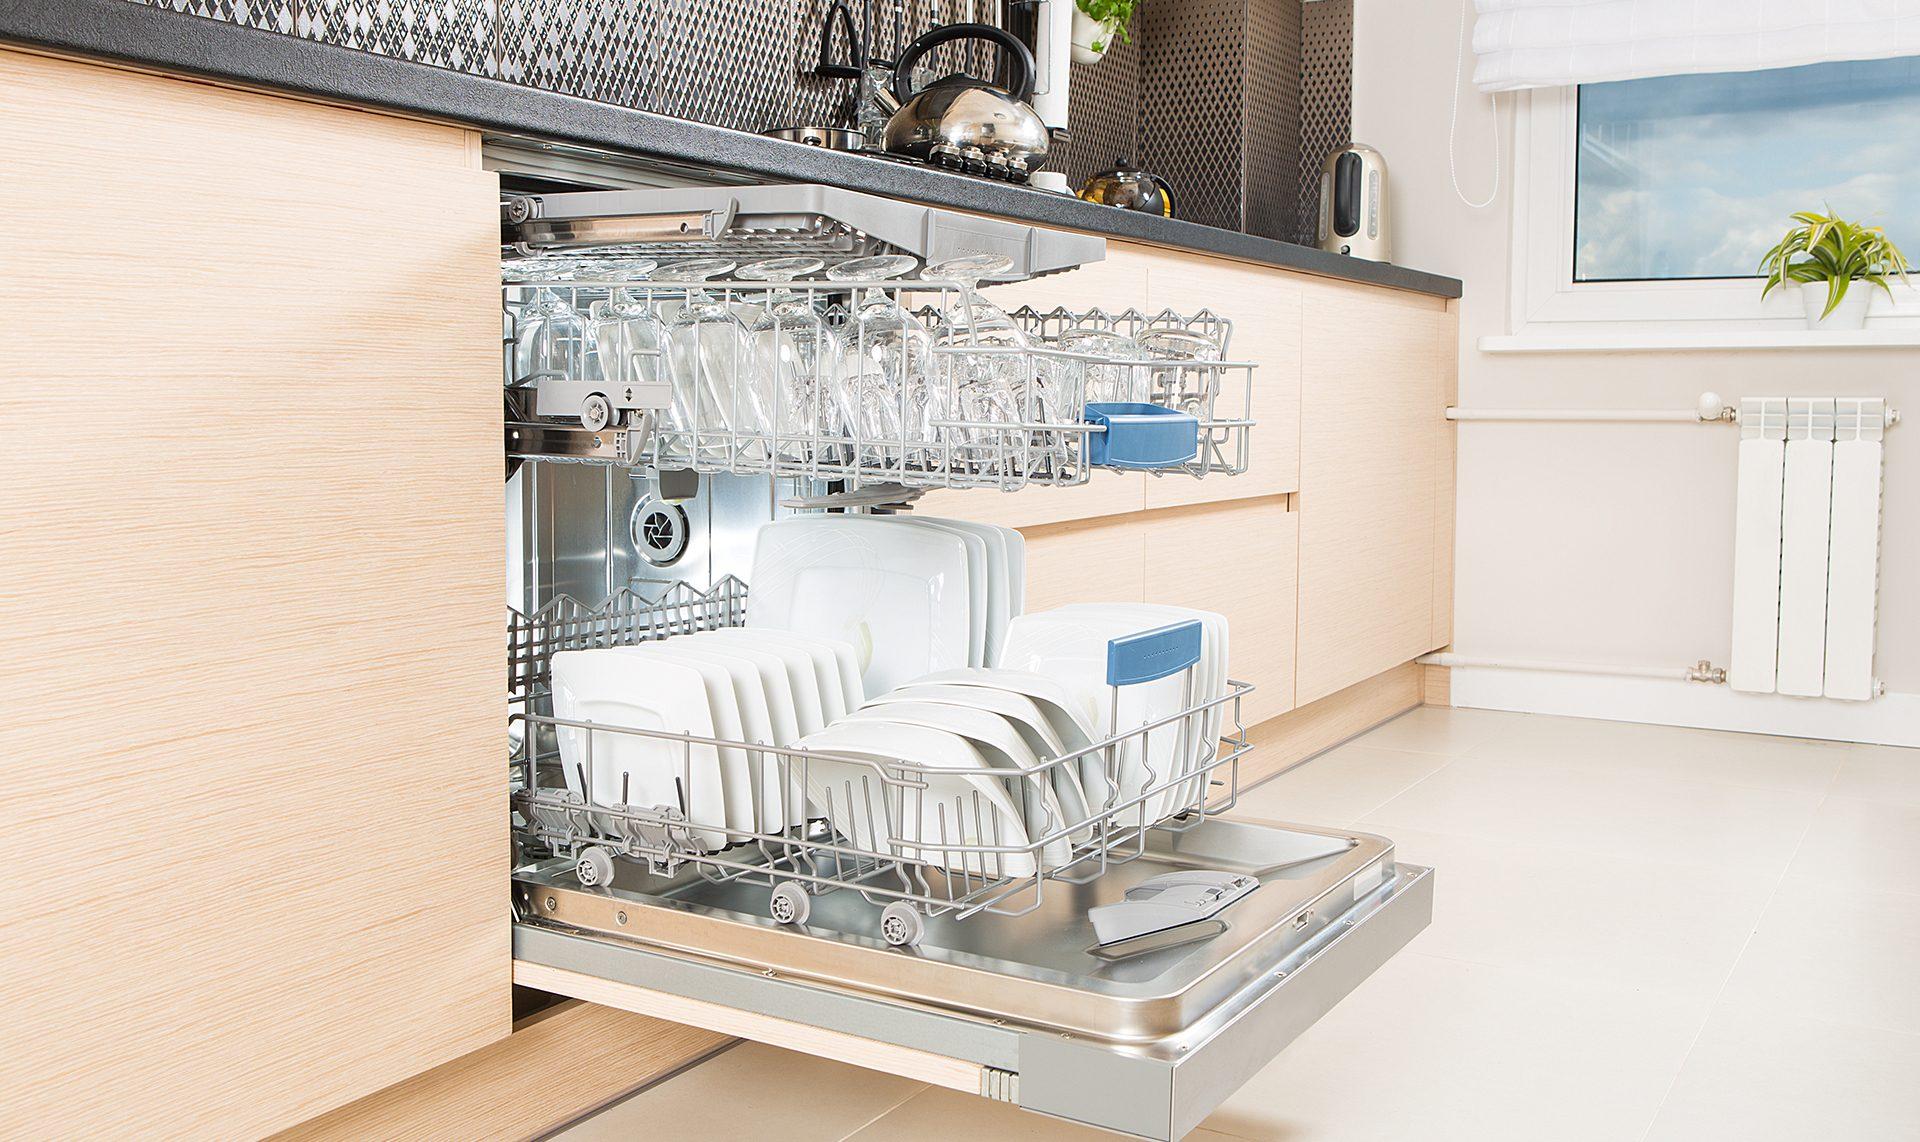 picking a dishwasher